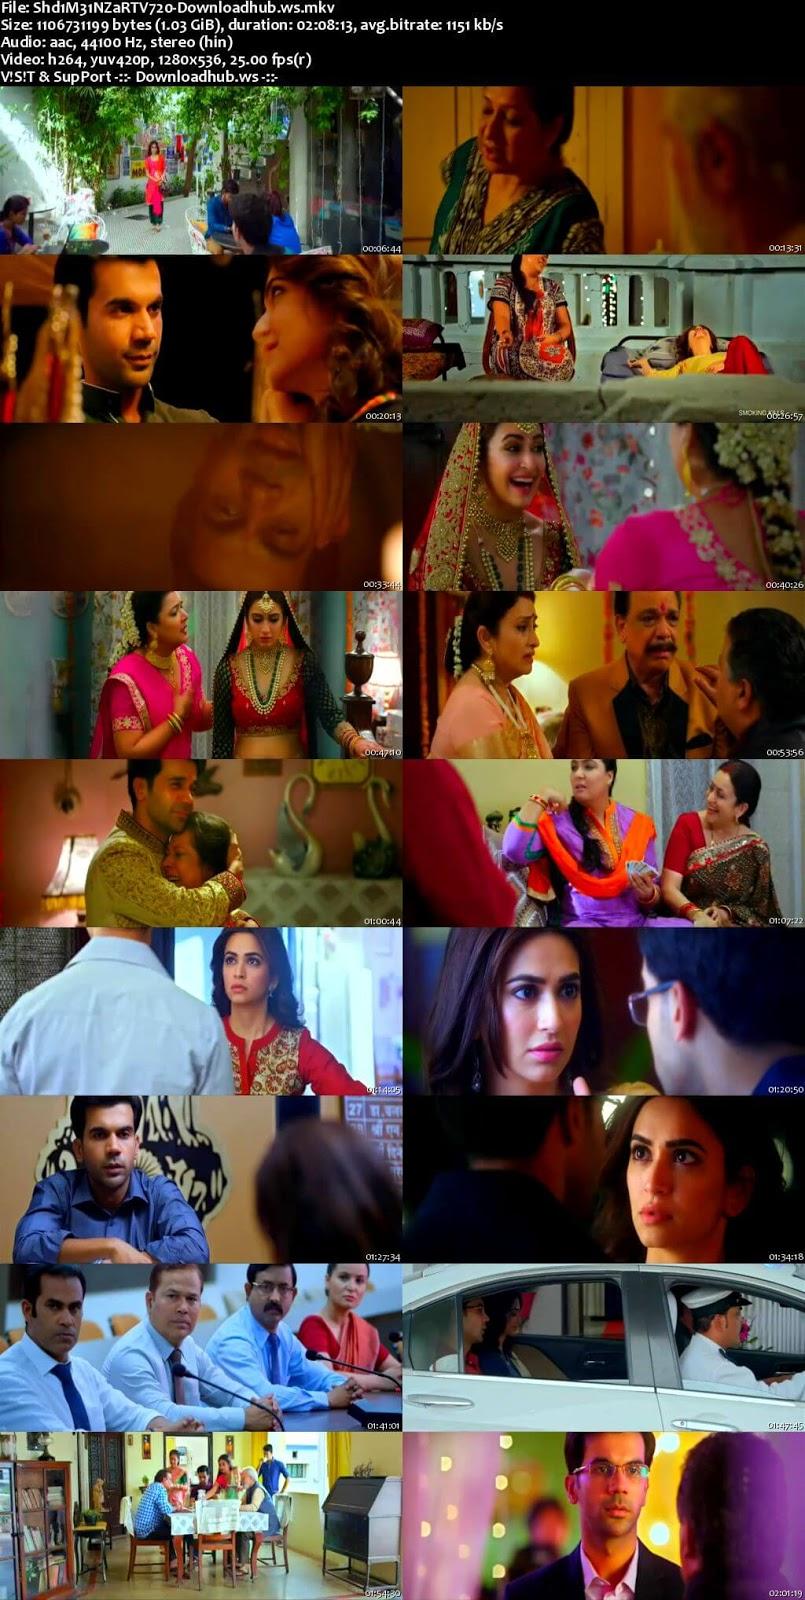 Shaadi Mein Zaroor Aana 2017 Hindi 720p HDTV